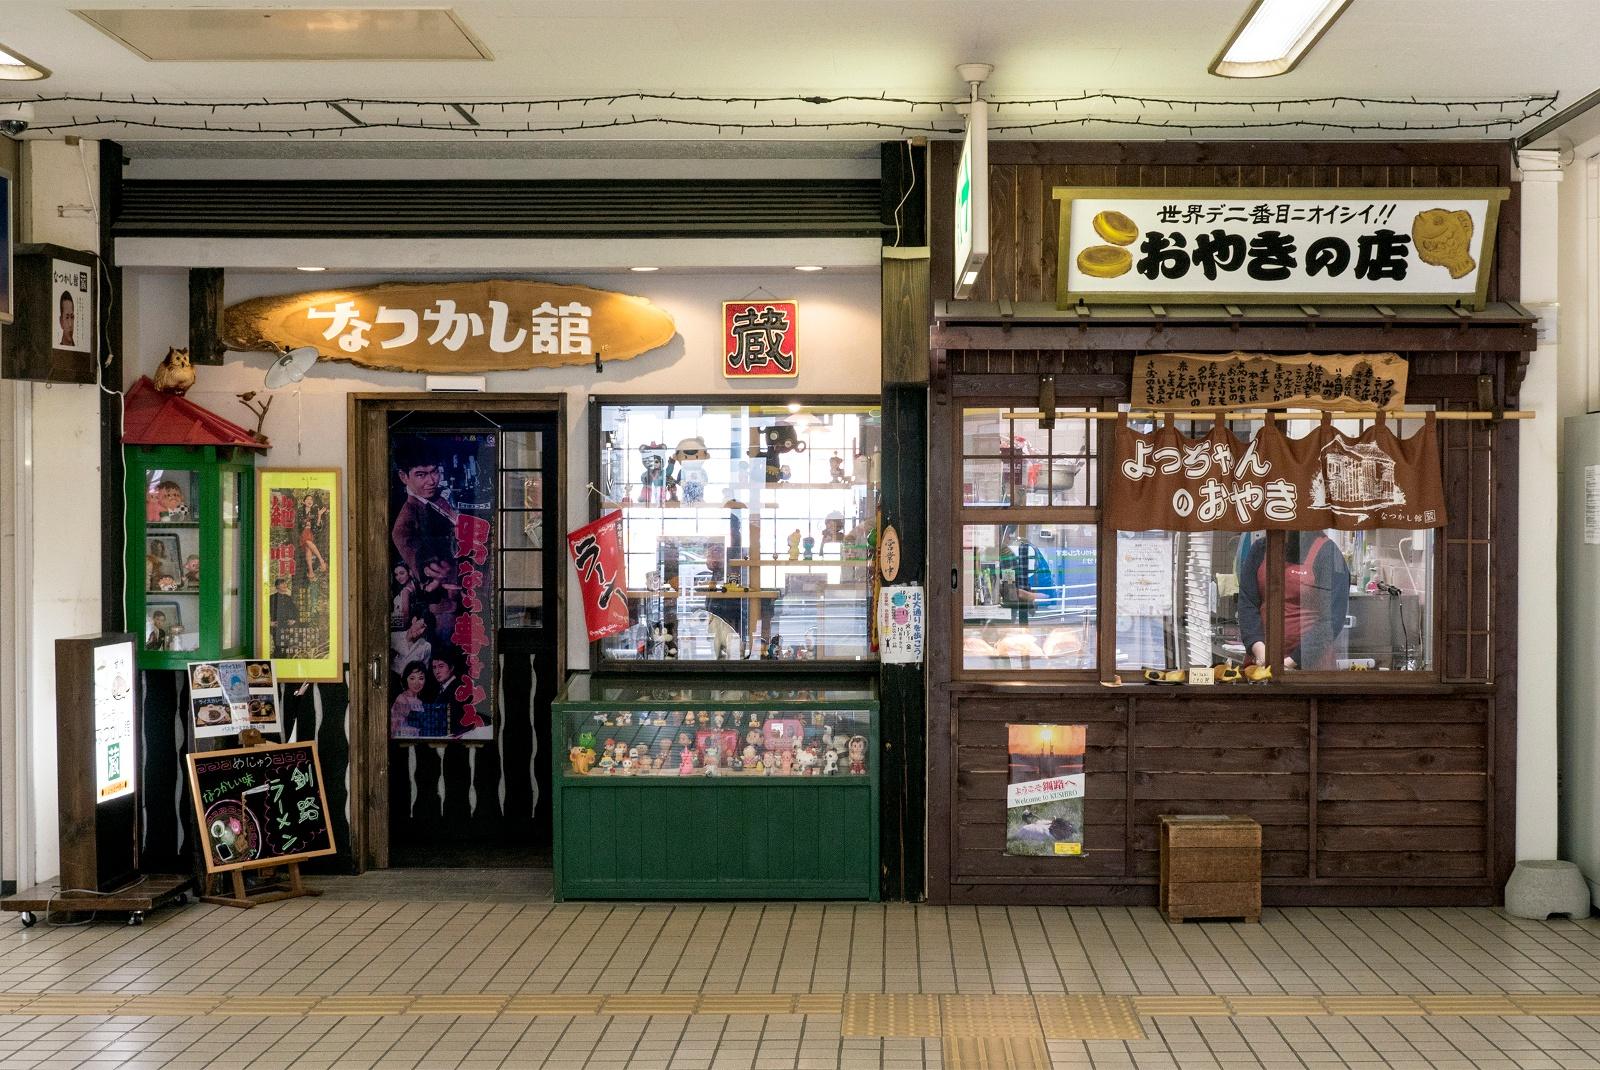 釧路で懐かしい昭和の時代へタイムスリップ!甘味処「なつかし館・蔵」